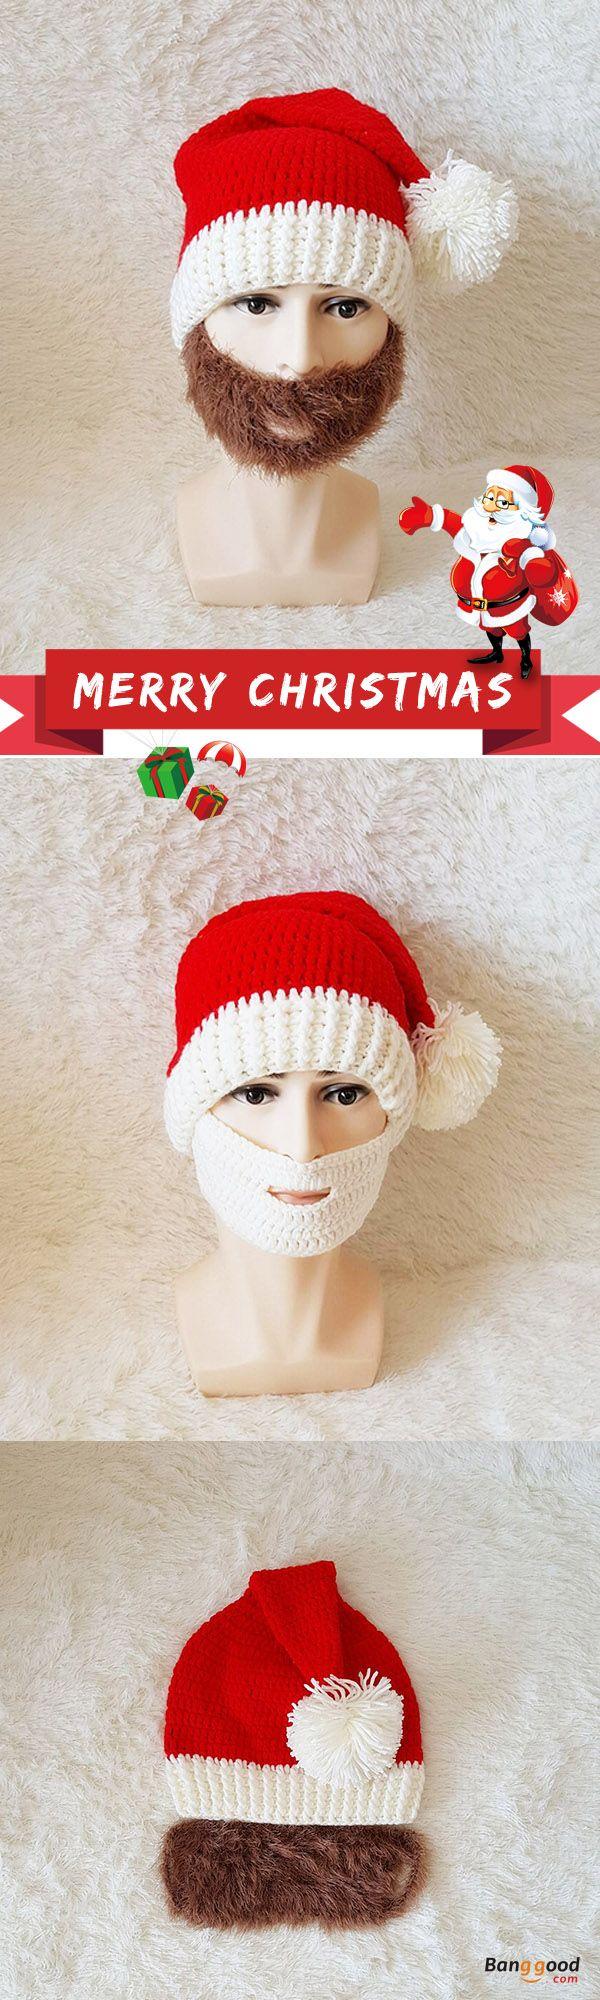 f1baed0eaf3 US 11.99+Free shipping. Santa Claus Beanie Hats